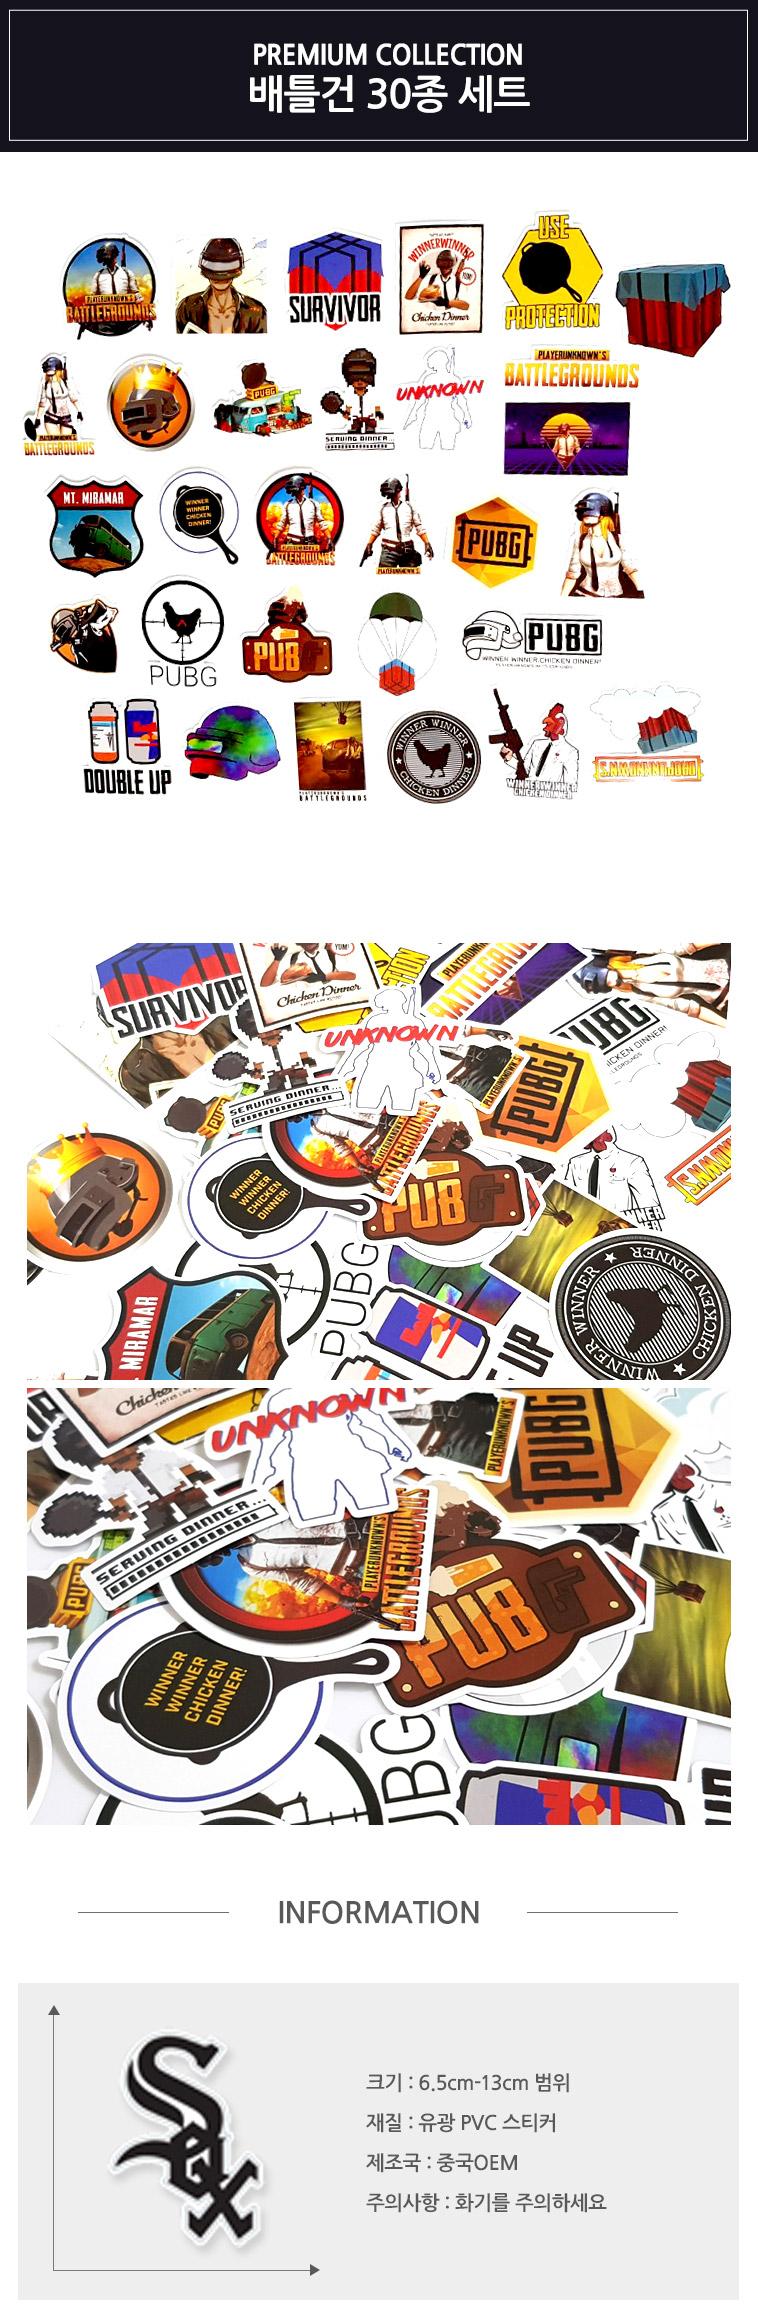 고품질 프리미엄 캐리어 노트북 방수 스티커 모음전10,900원-나와또여행/레포츠, 캐리어, 보호커버/스티커, 스티커바보사랑고품질 프리미엄 캐리어 노트북 방수 스티커 모음전10,900원-나와또여행/레포츠, 캐리어, 보호커버/스티커, 스티커바보사랑